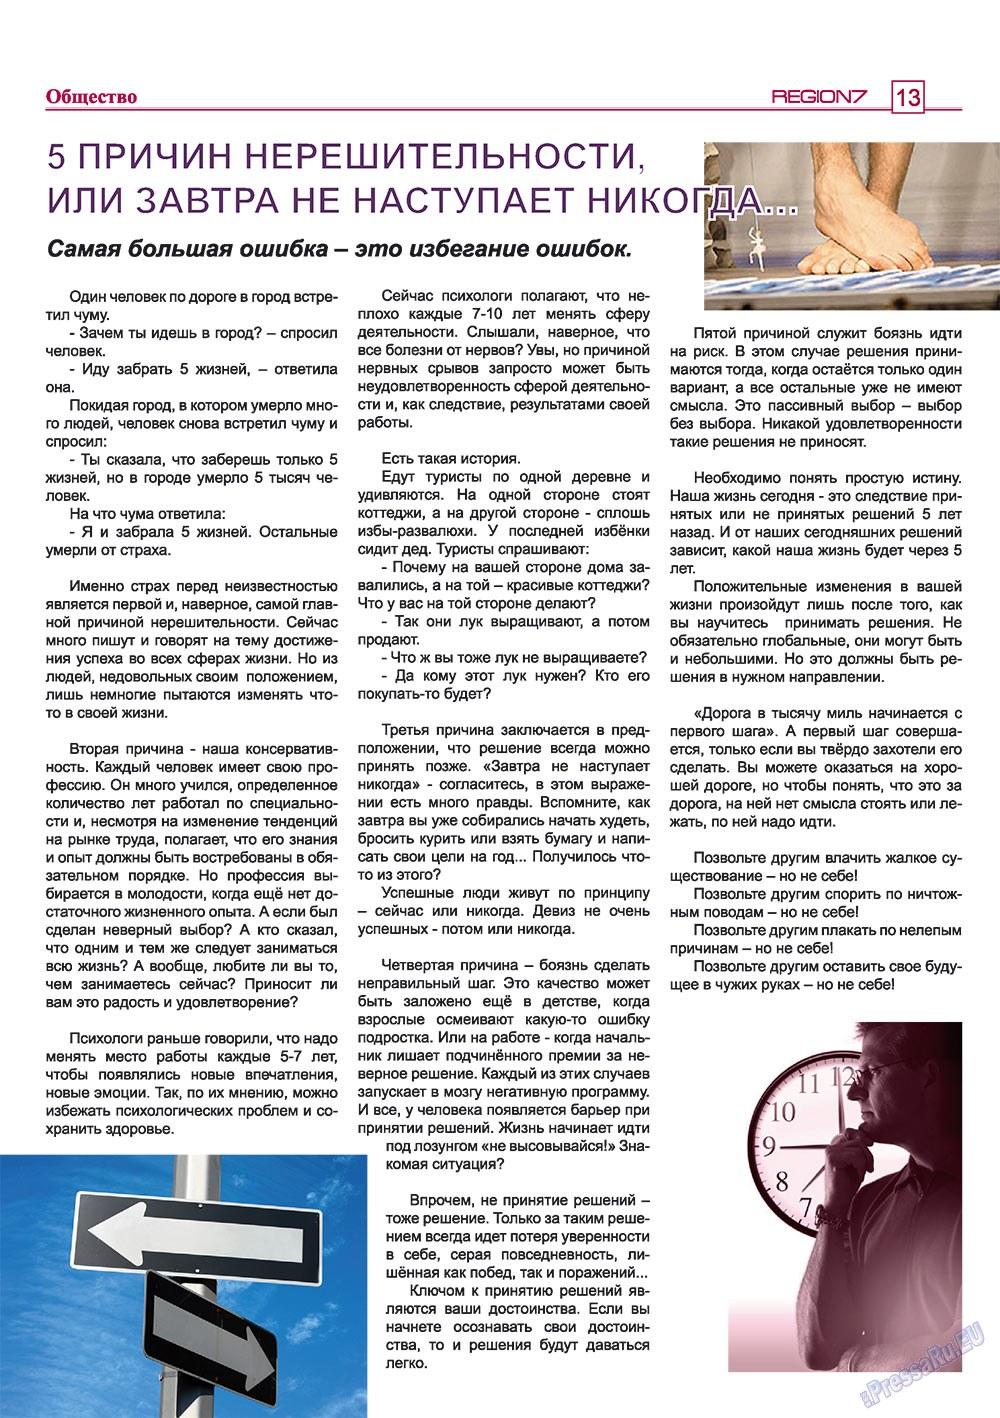 Регион (журнал). 2009 год, номер 3, стр. 13